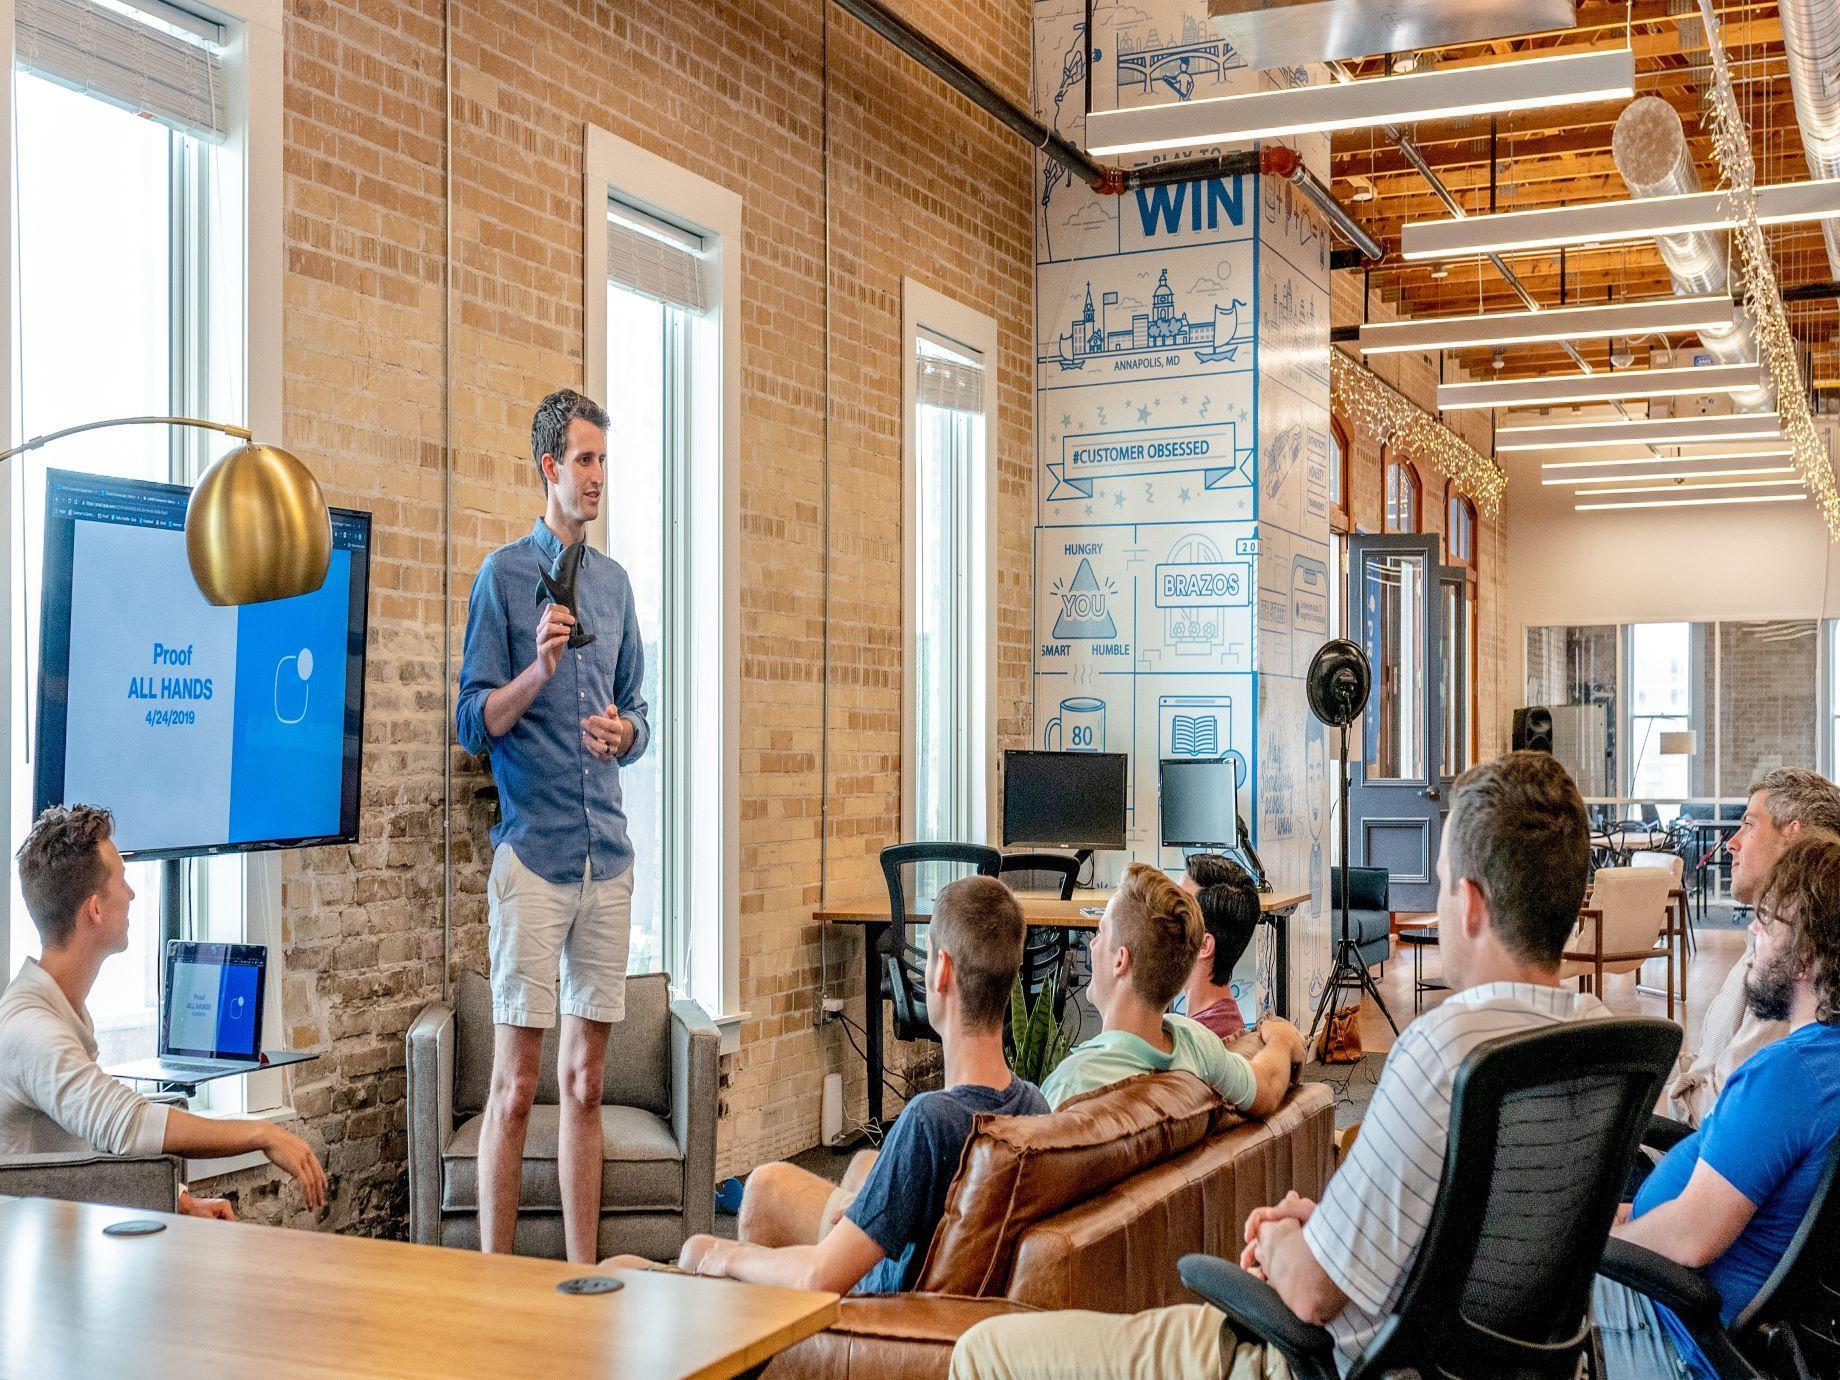 面臨世代交替、遙遙無期的創新改革?與Google、IBM學「教練式領導」解決企業轉型危機